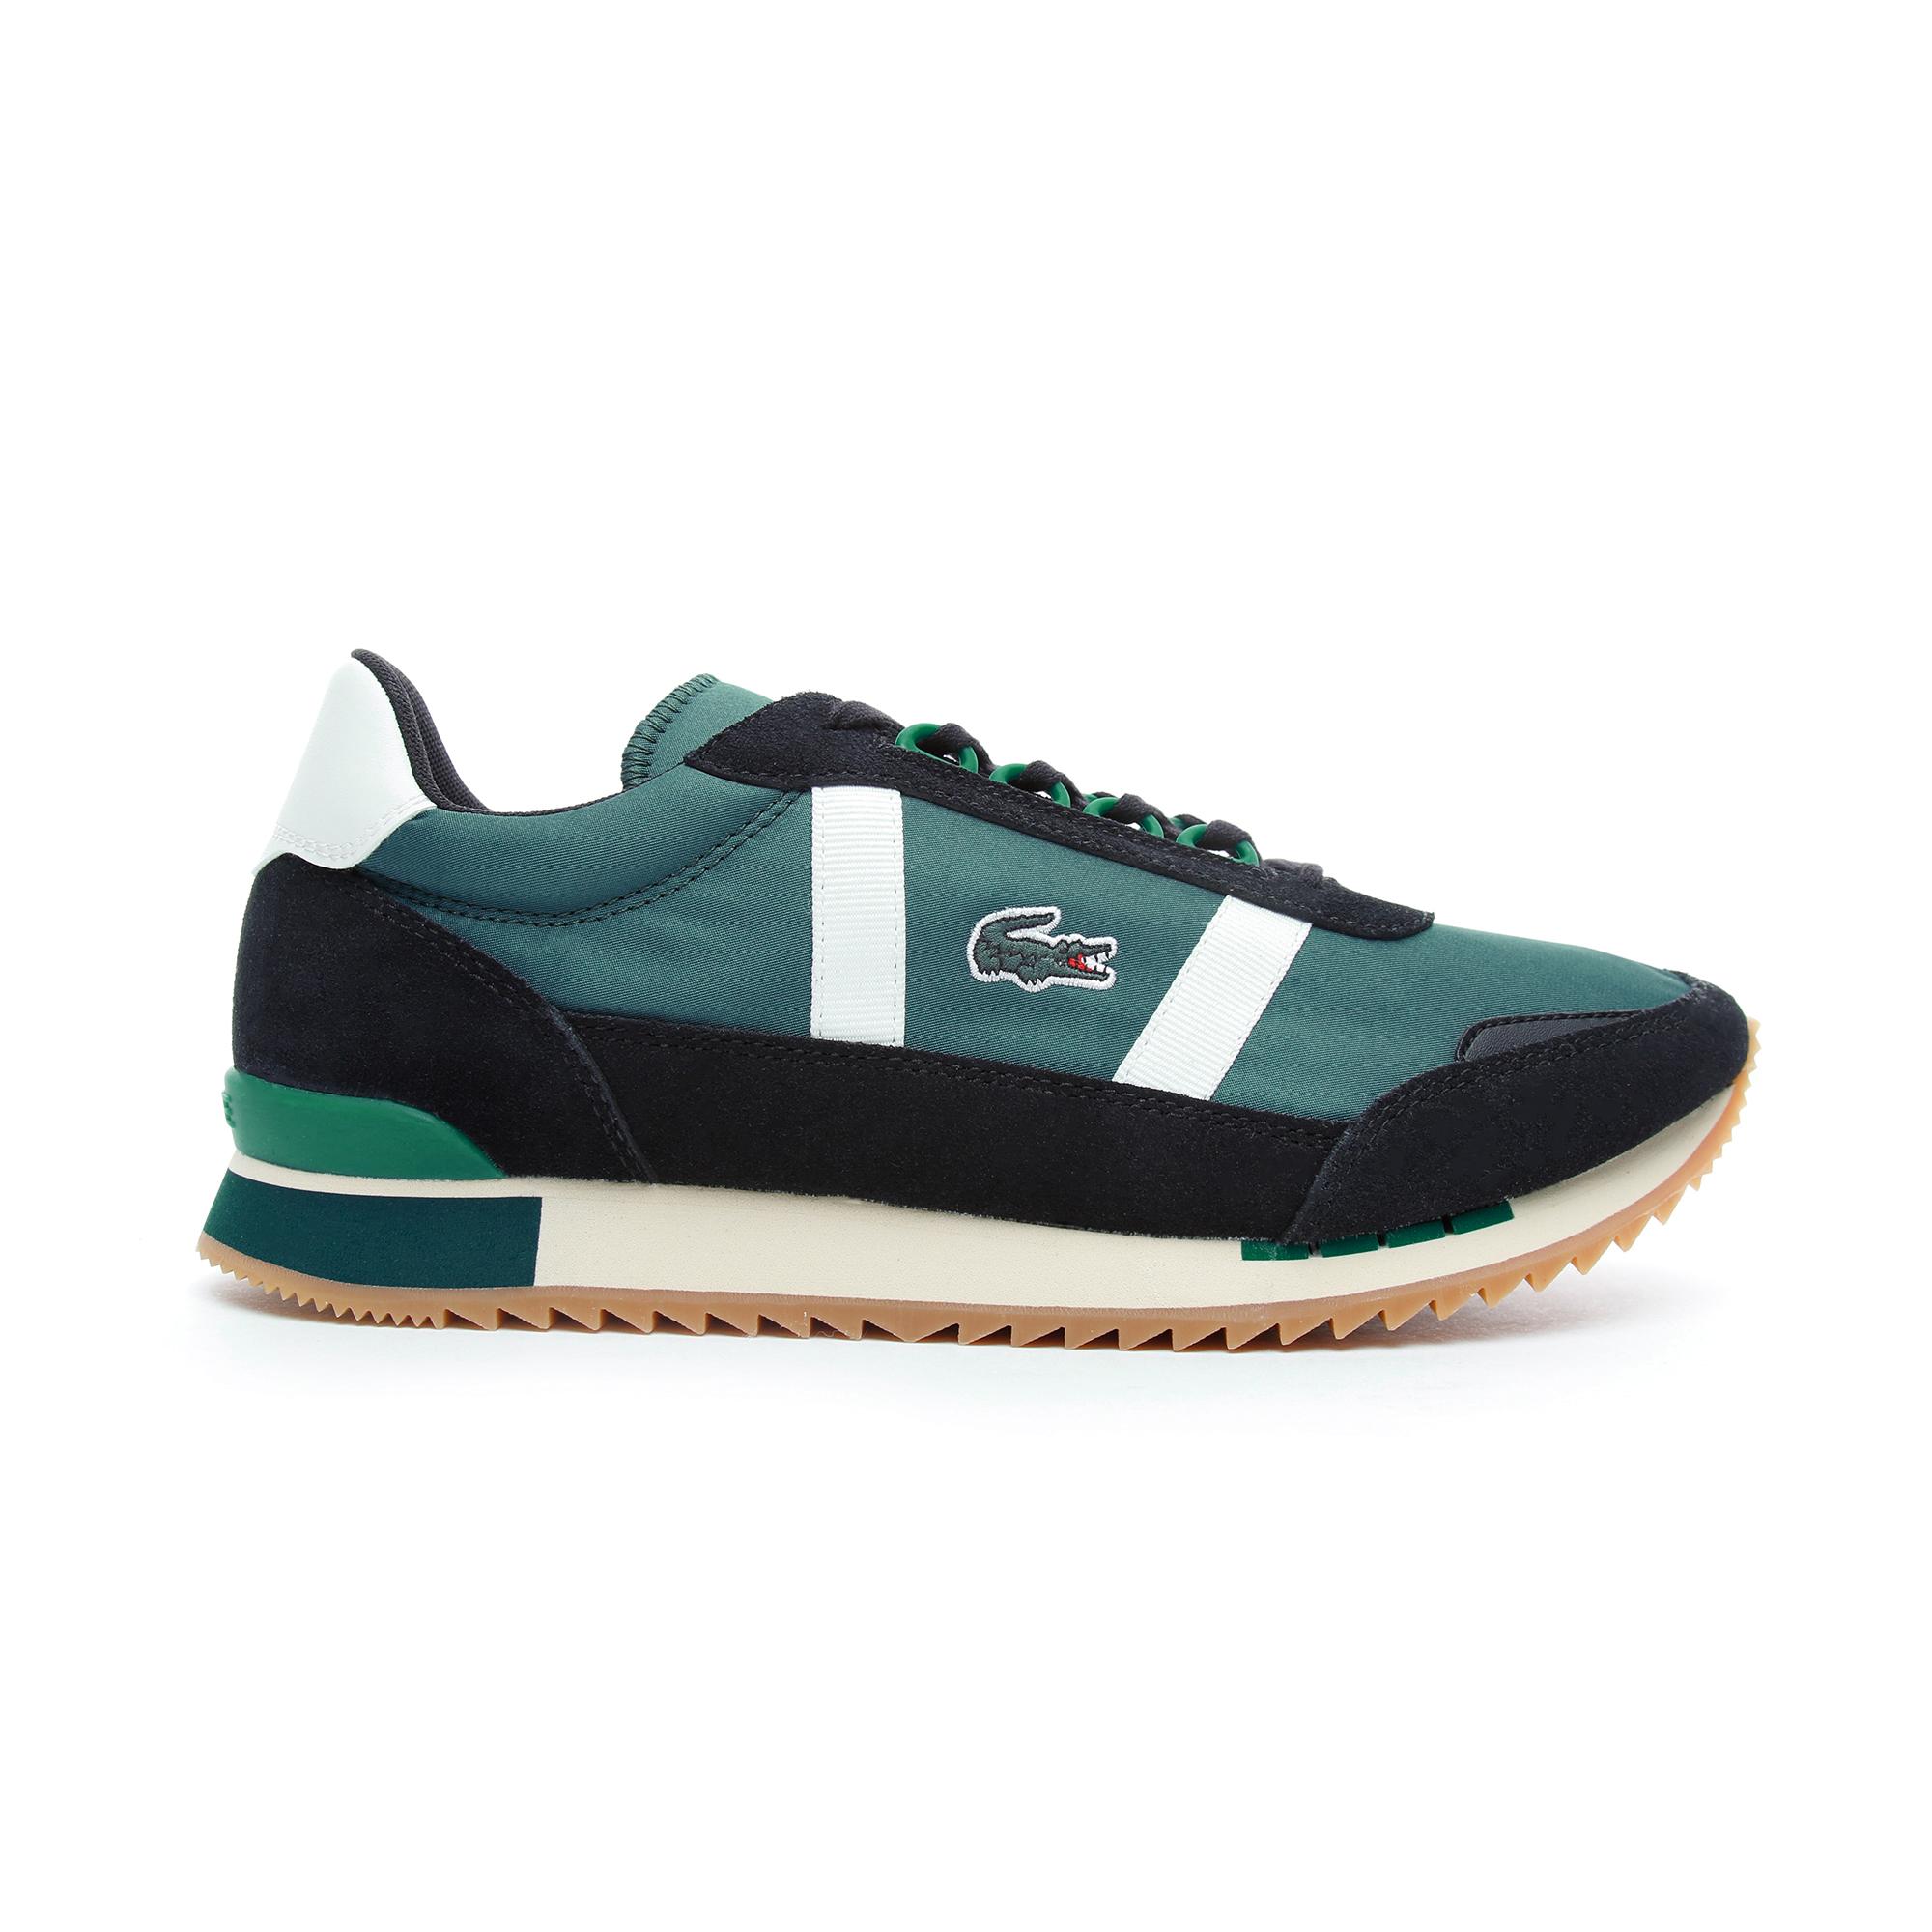 Lacoste Partner Retro Erkek Koyu Yeşil - Bej Spor Ayakkabı